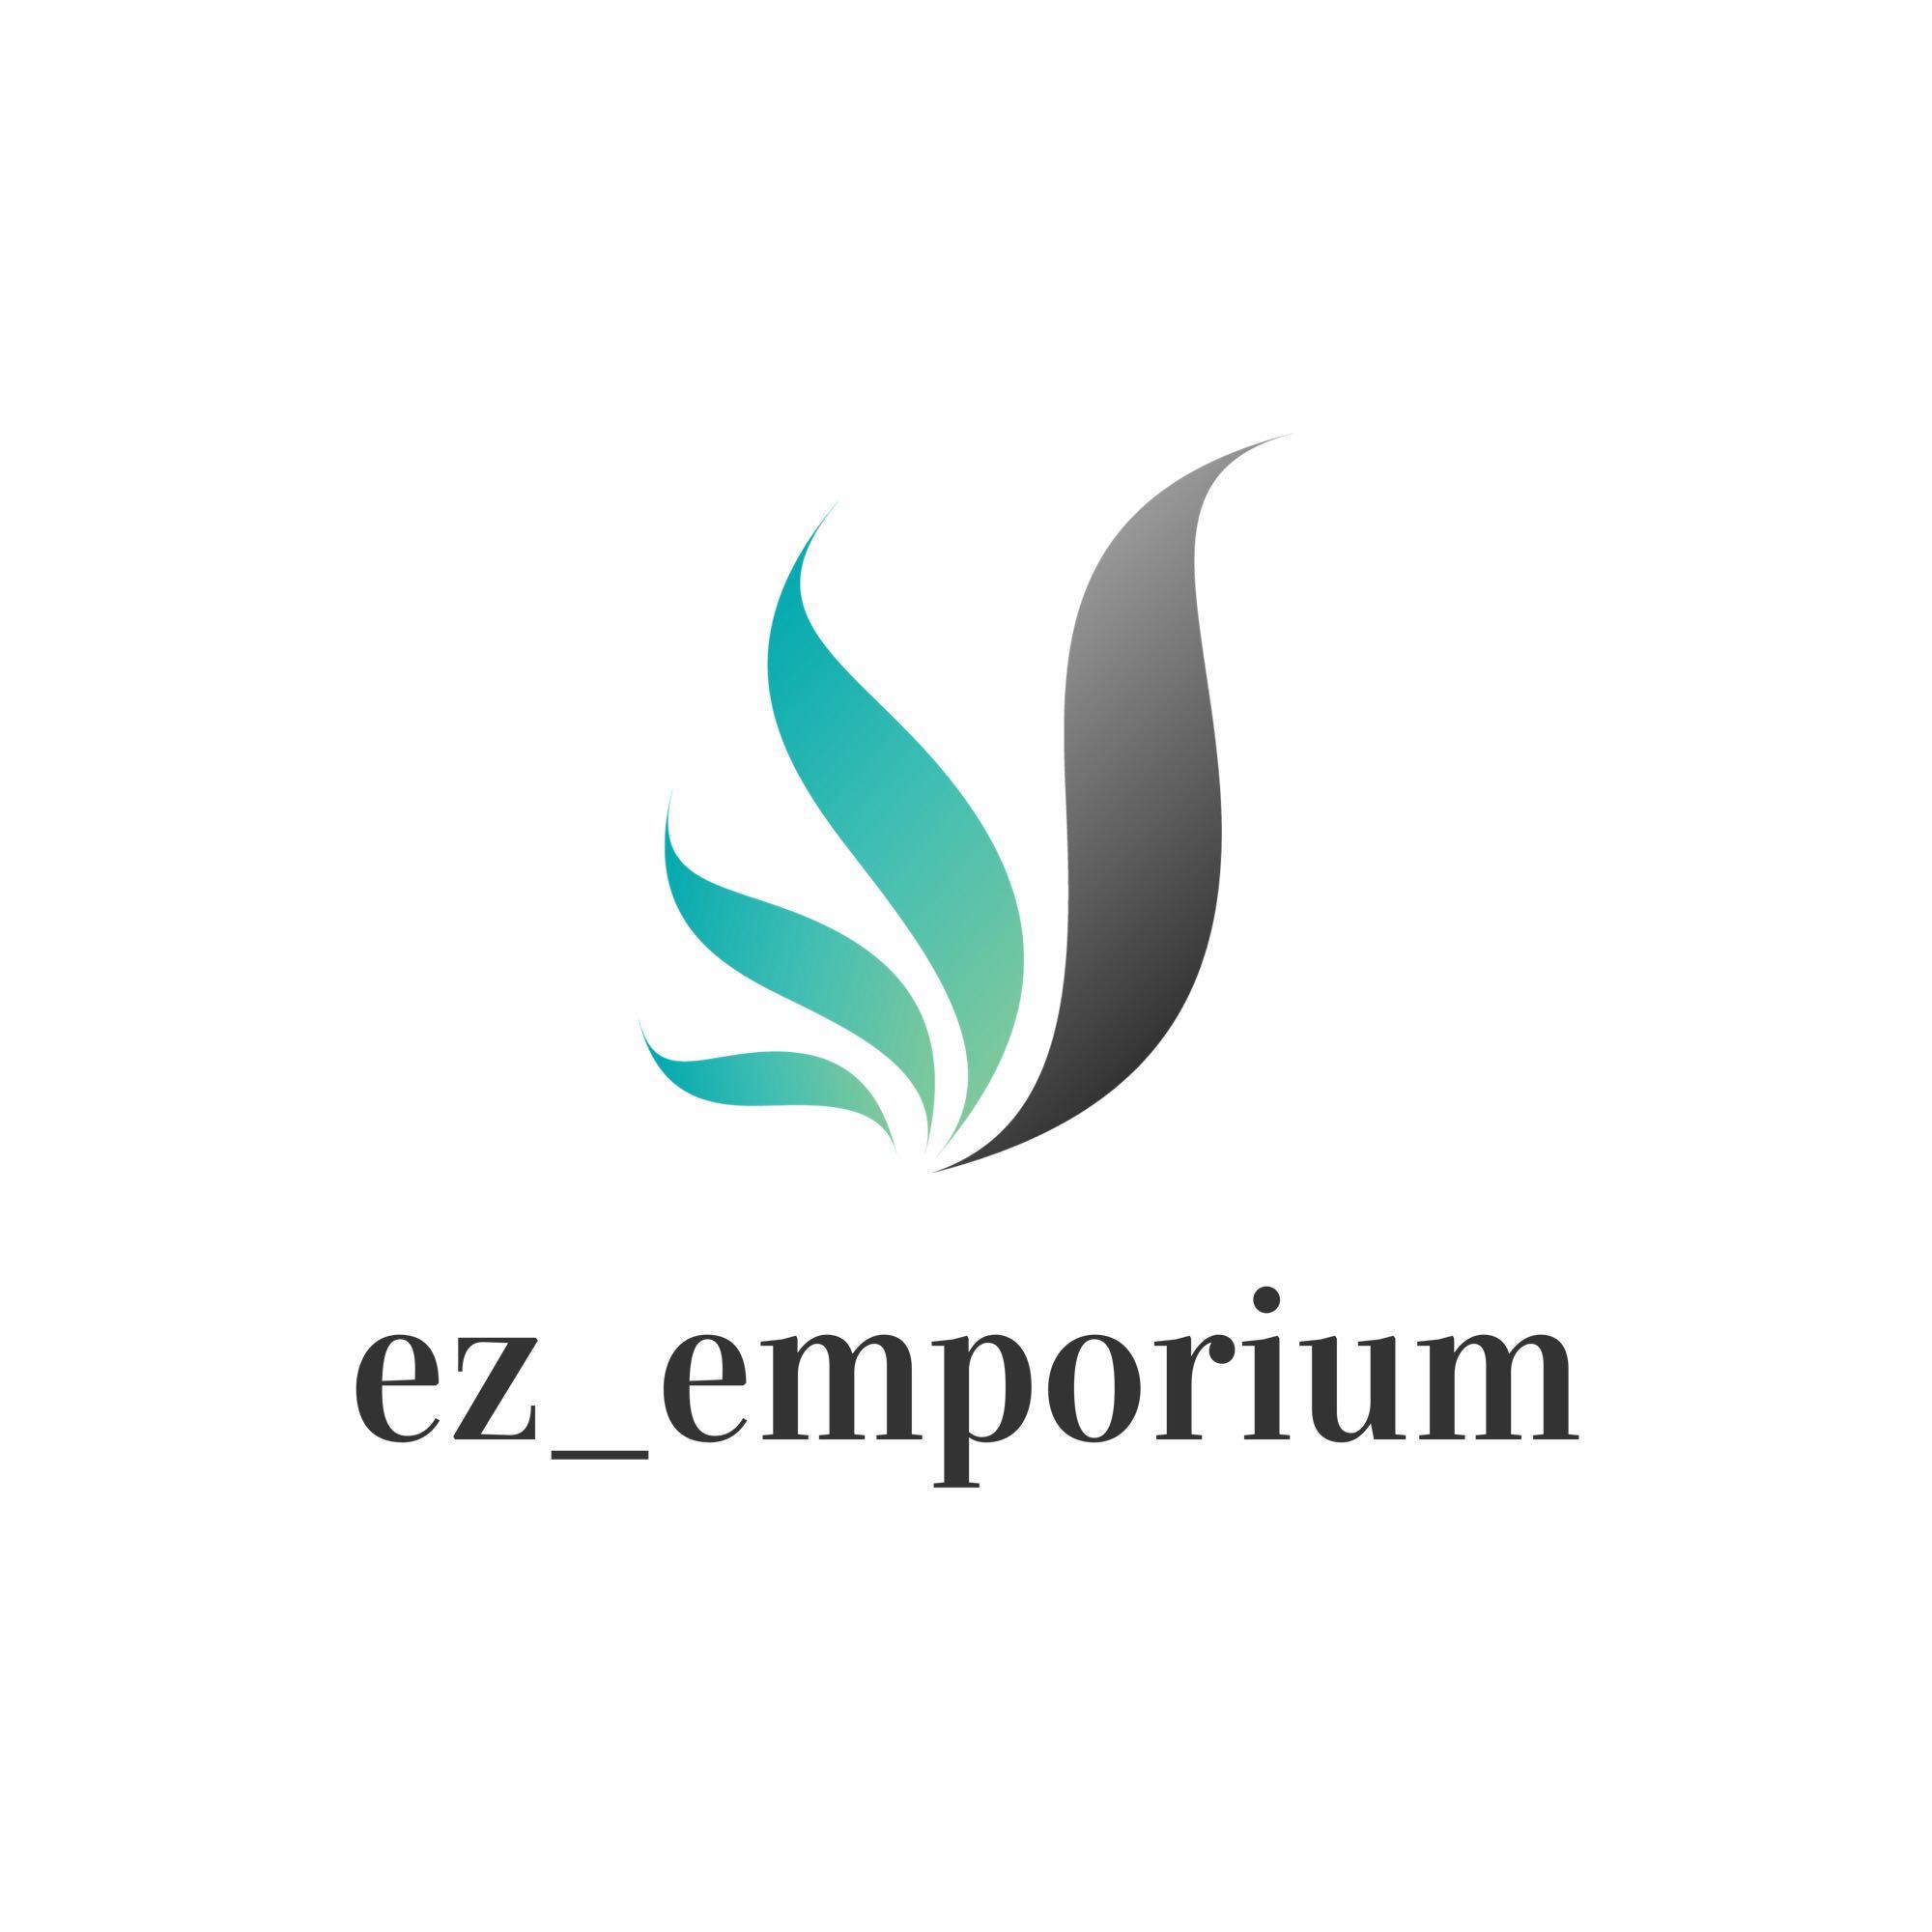 ez_emporium